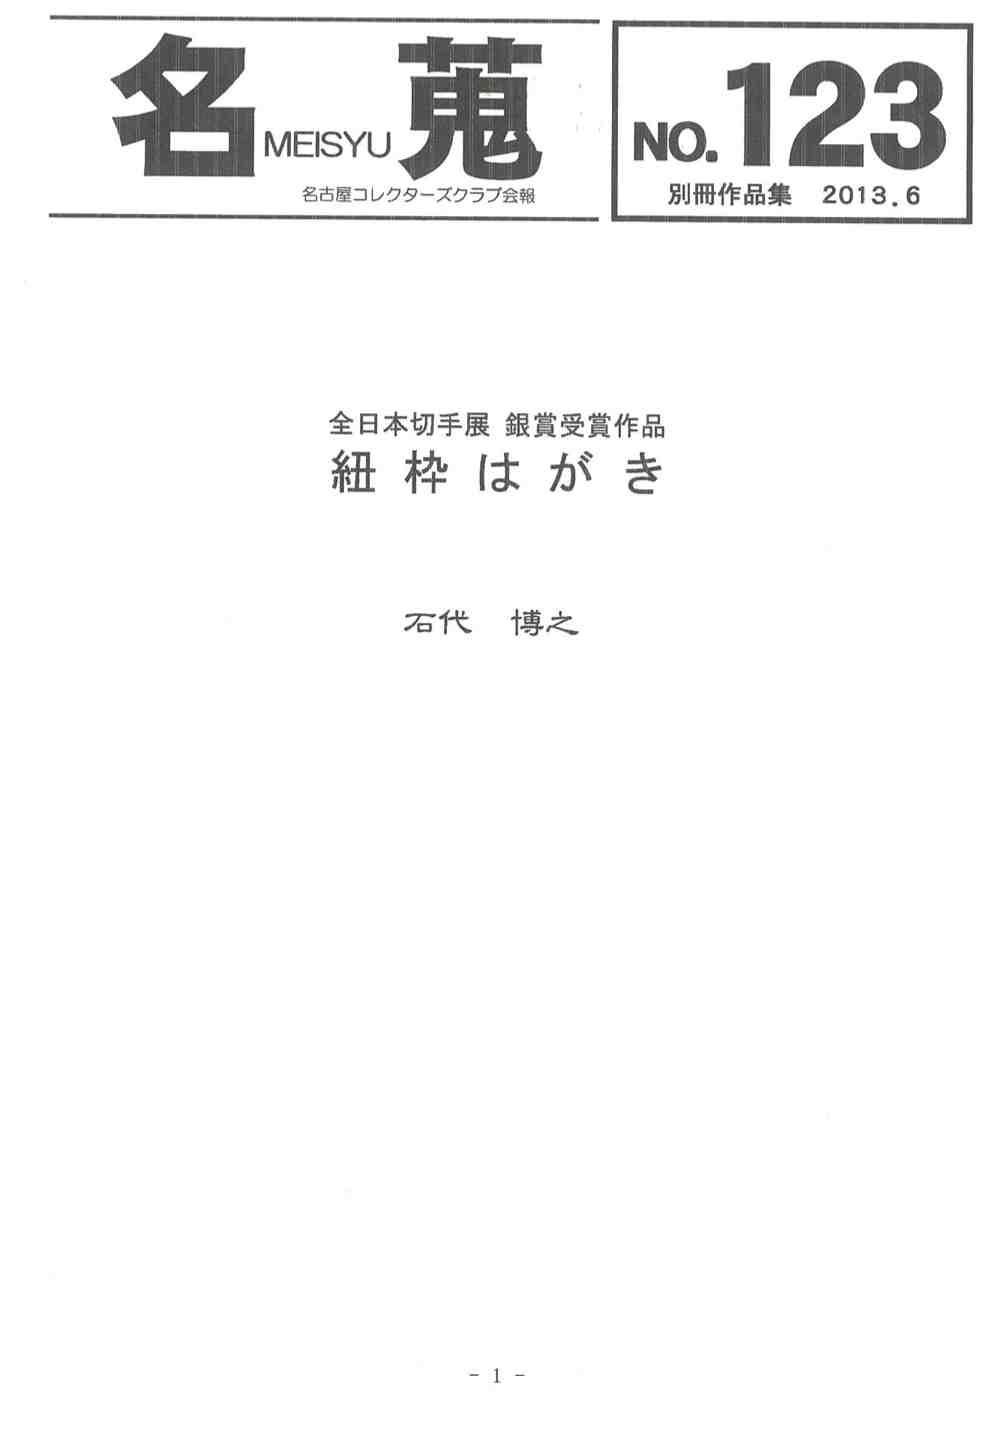 20130609_1.jpg